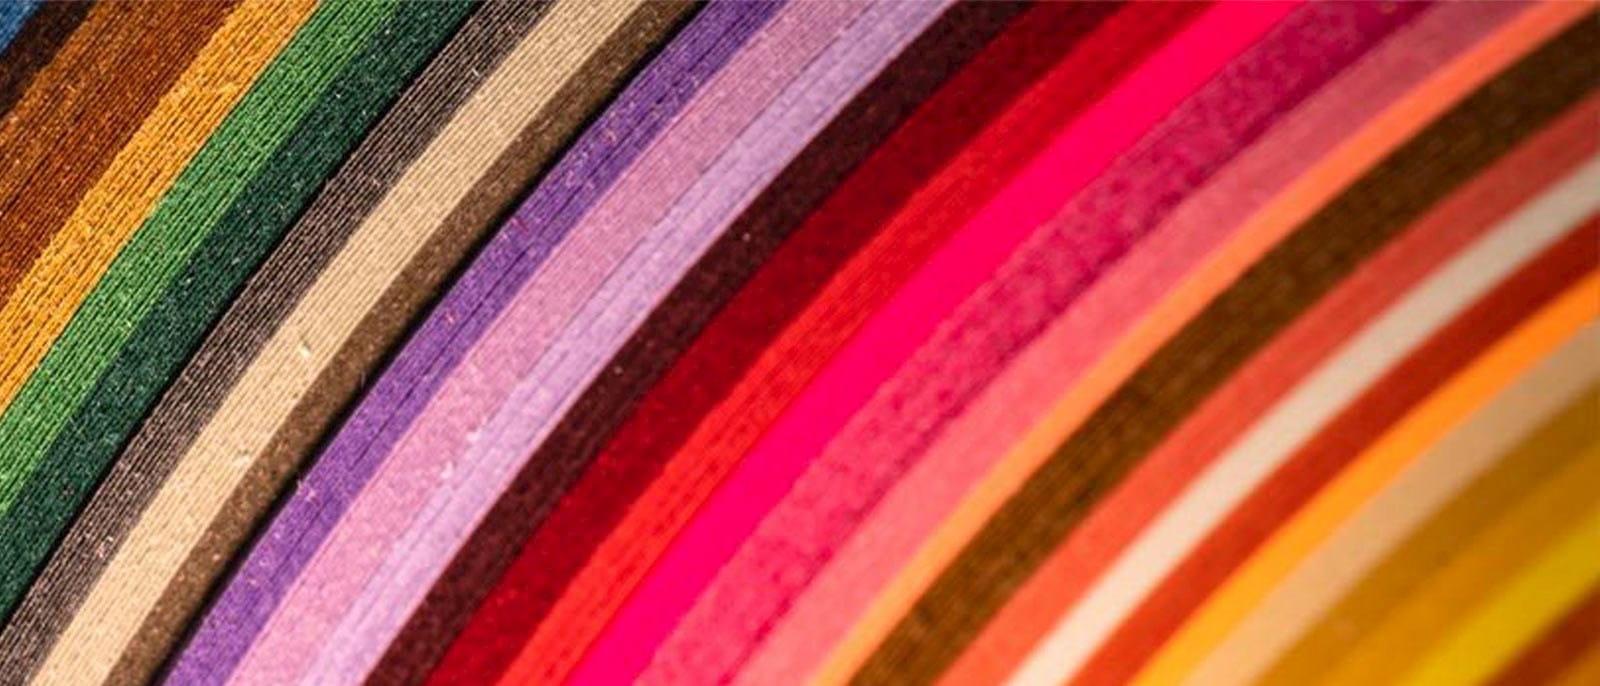 Multicolour arcs